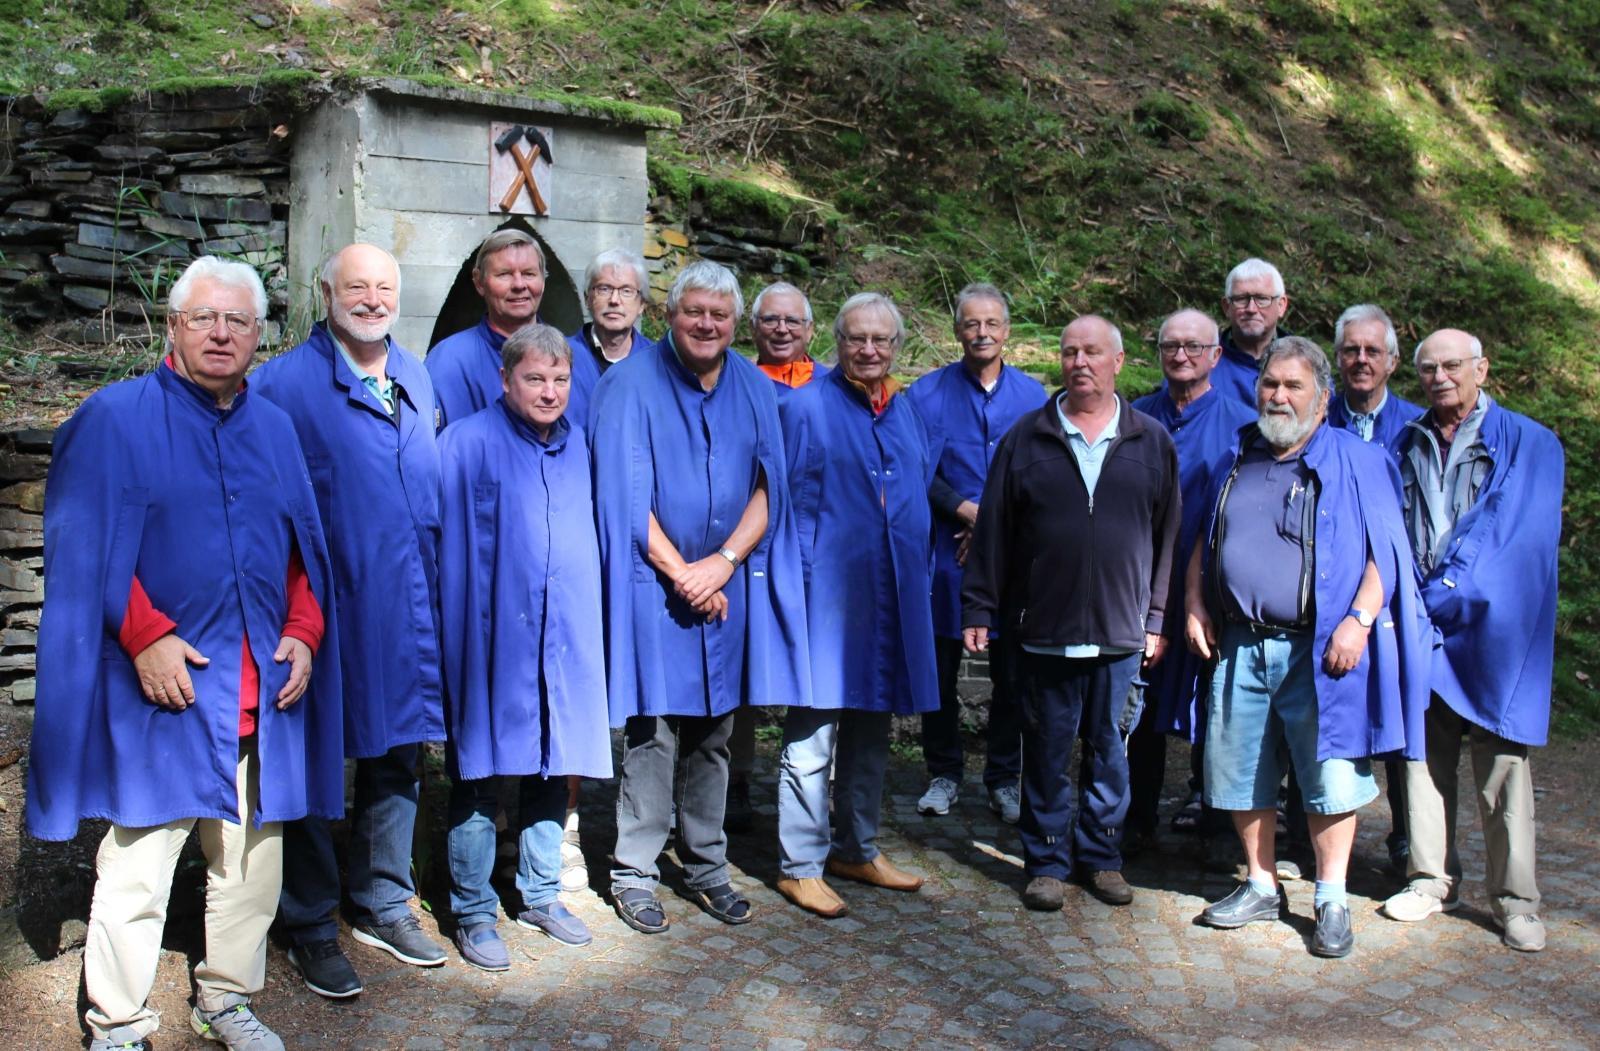 """Gruppenfoto nach der Besichtigung der """"Morassina Grotten"""" in Schmiedefeld (Foto © Anton Hofmann)"""